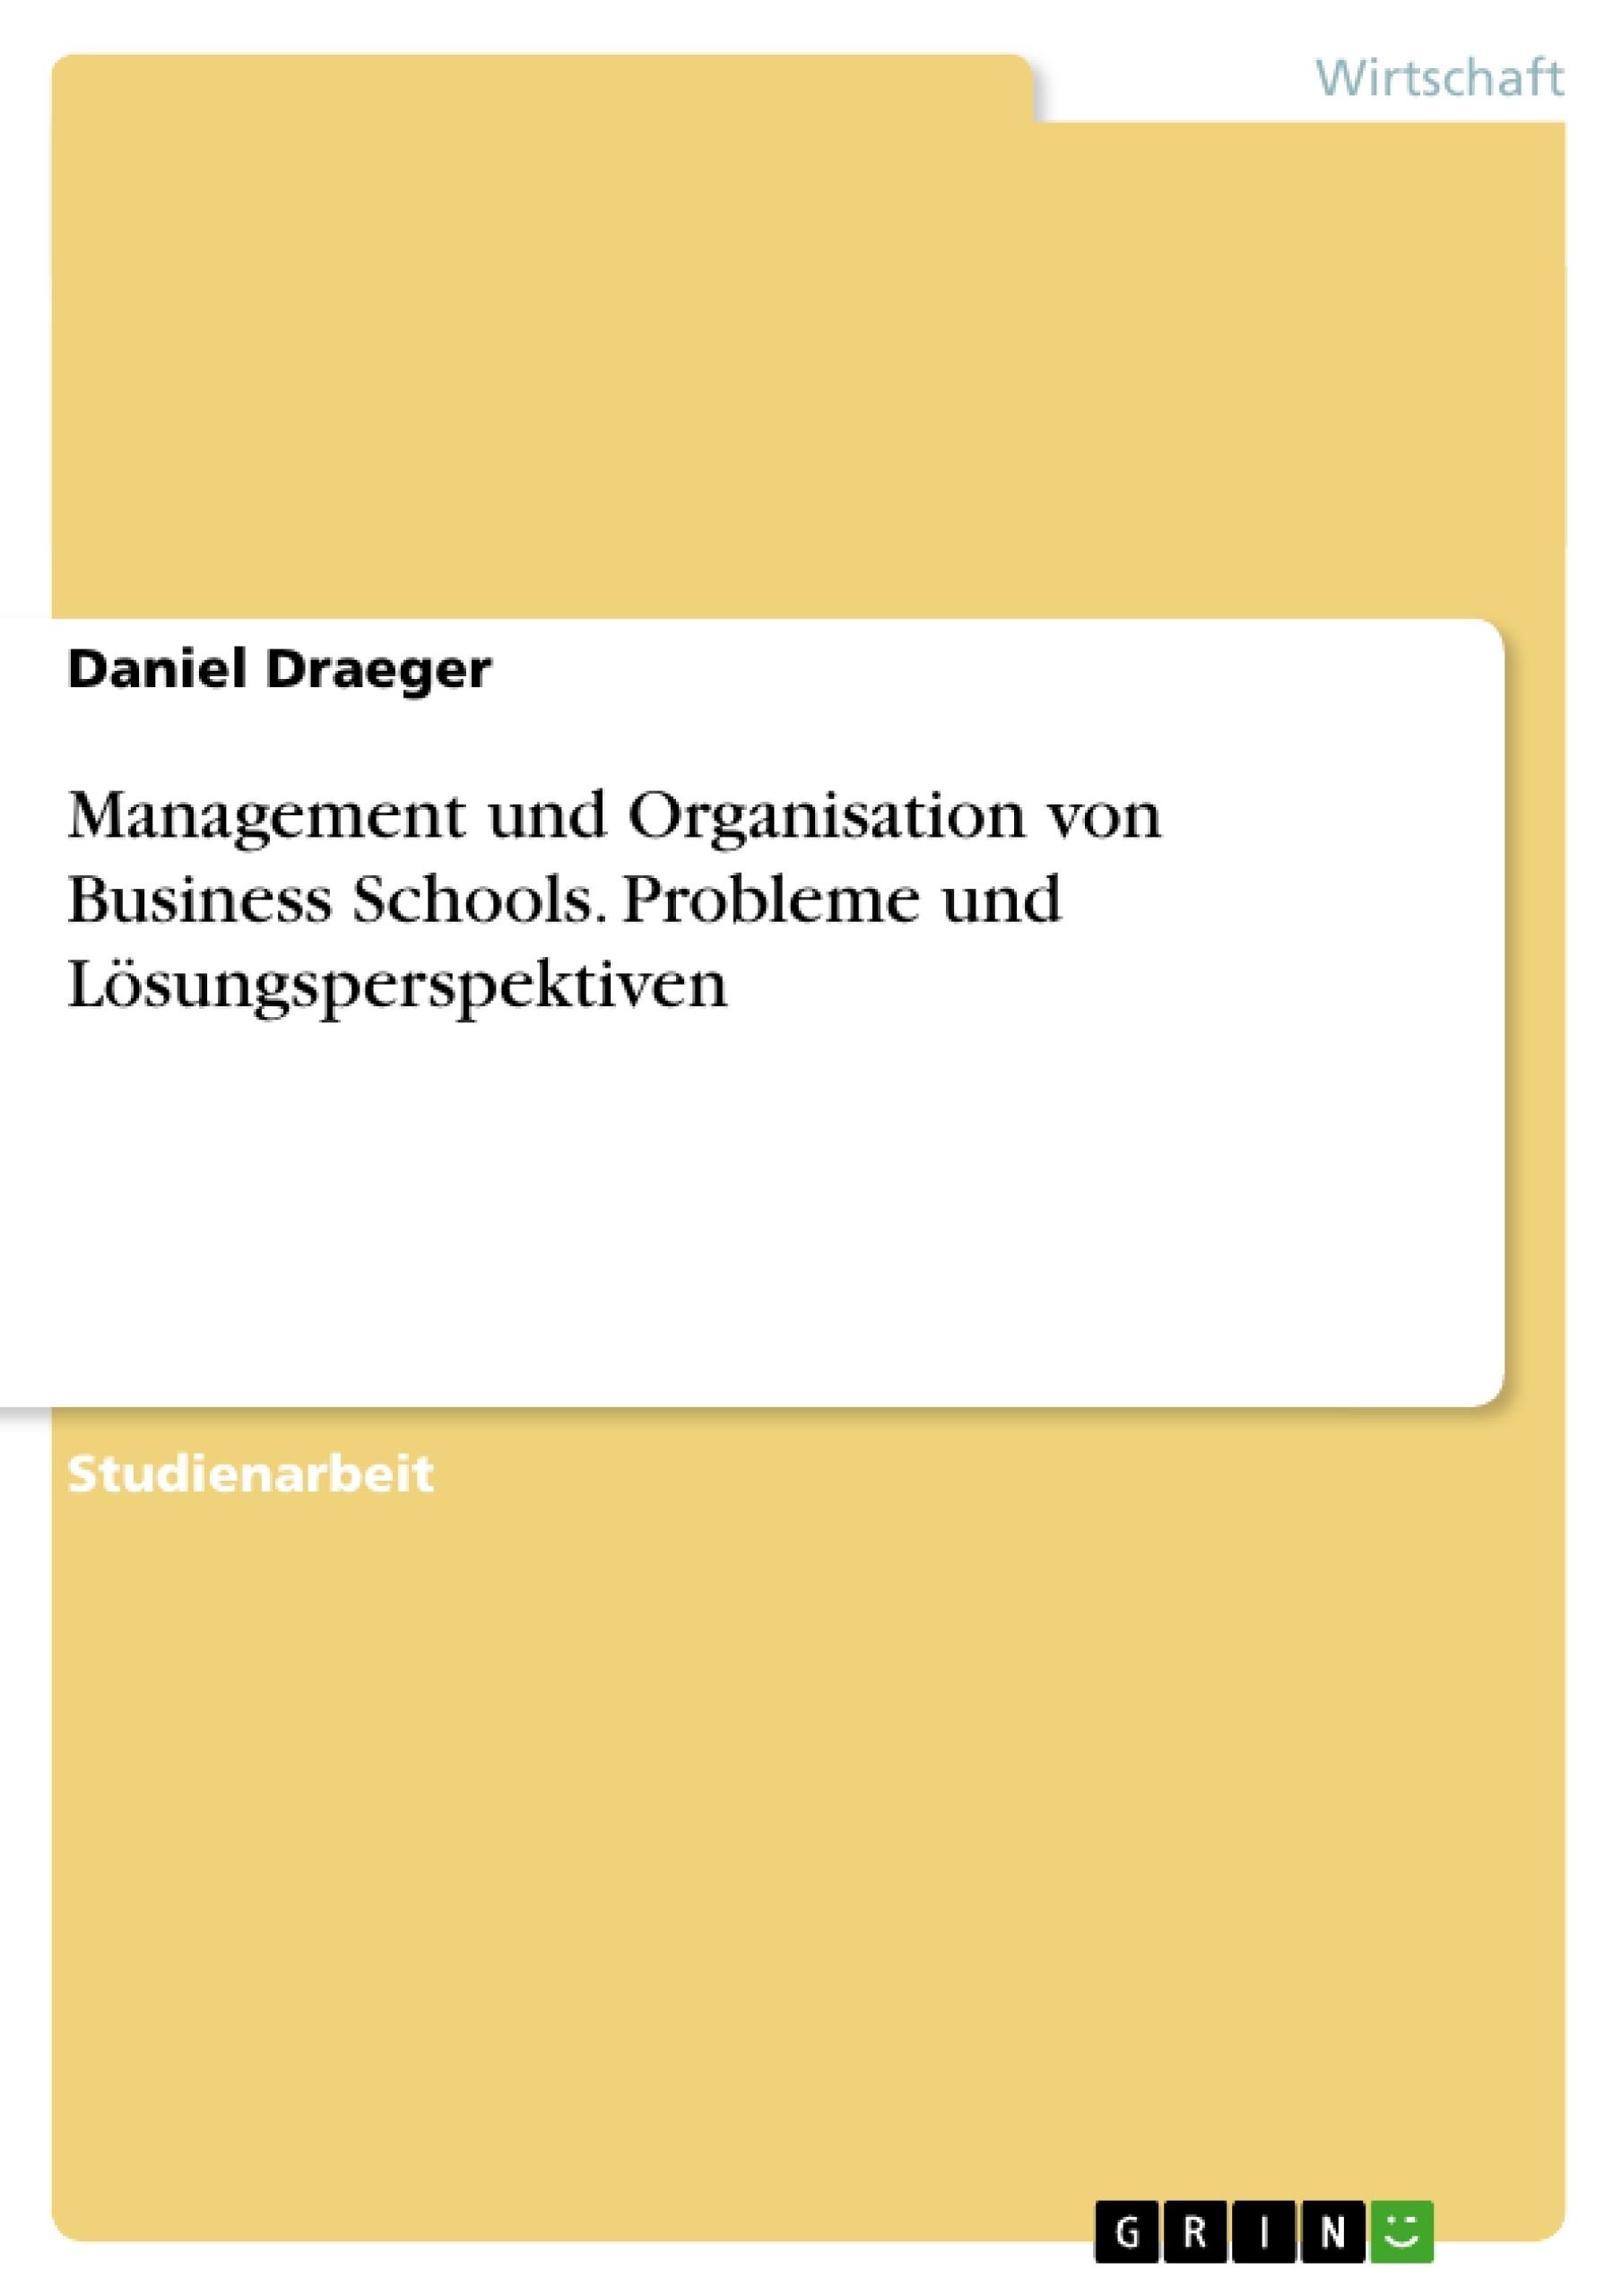 Titel: Management und Organisation von Business Schools. Probleme und Lösungsperspektiven